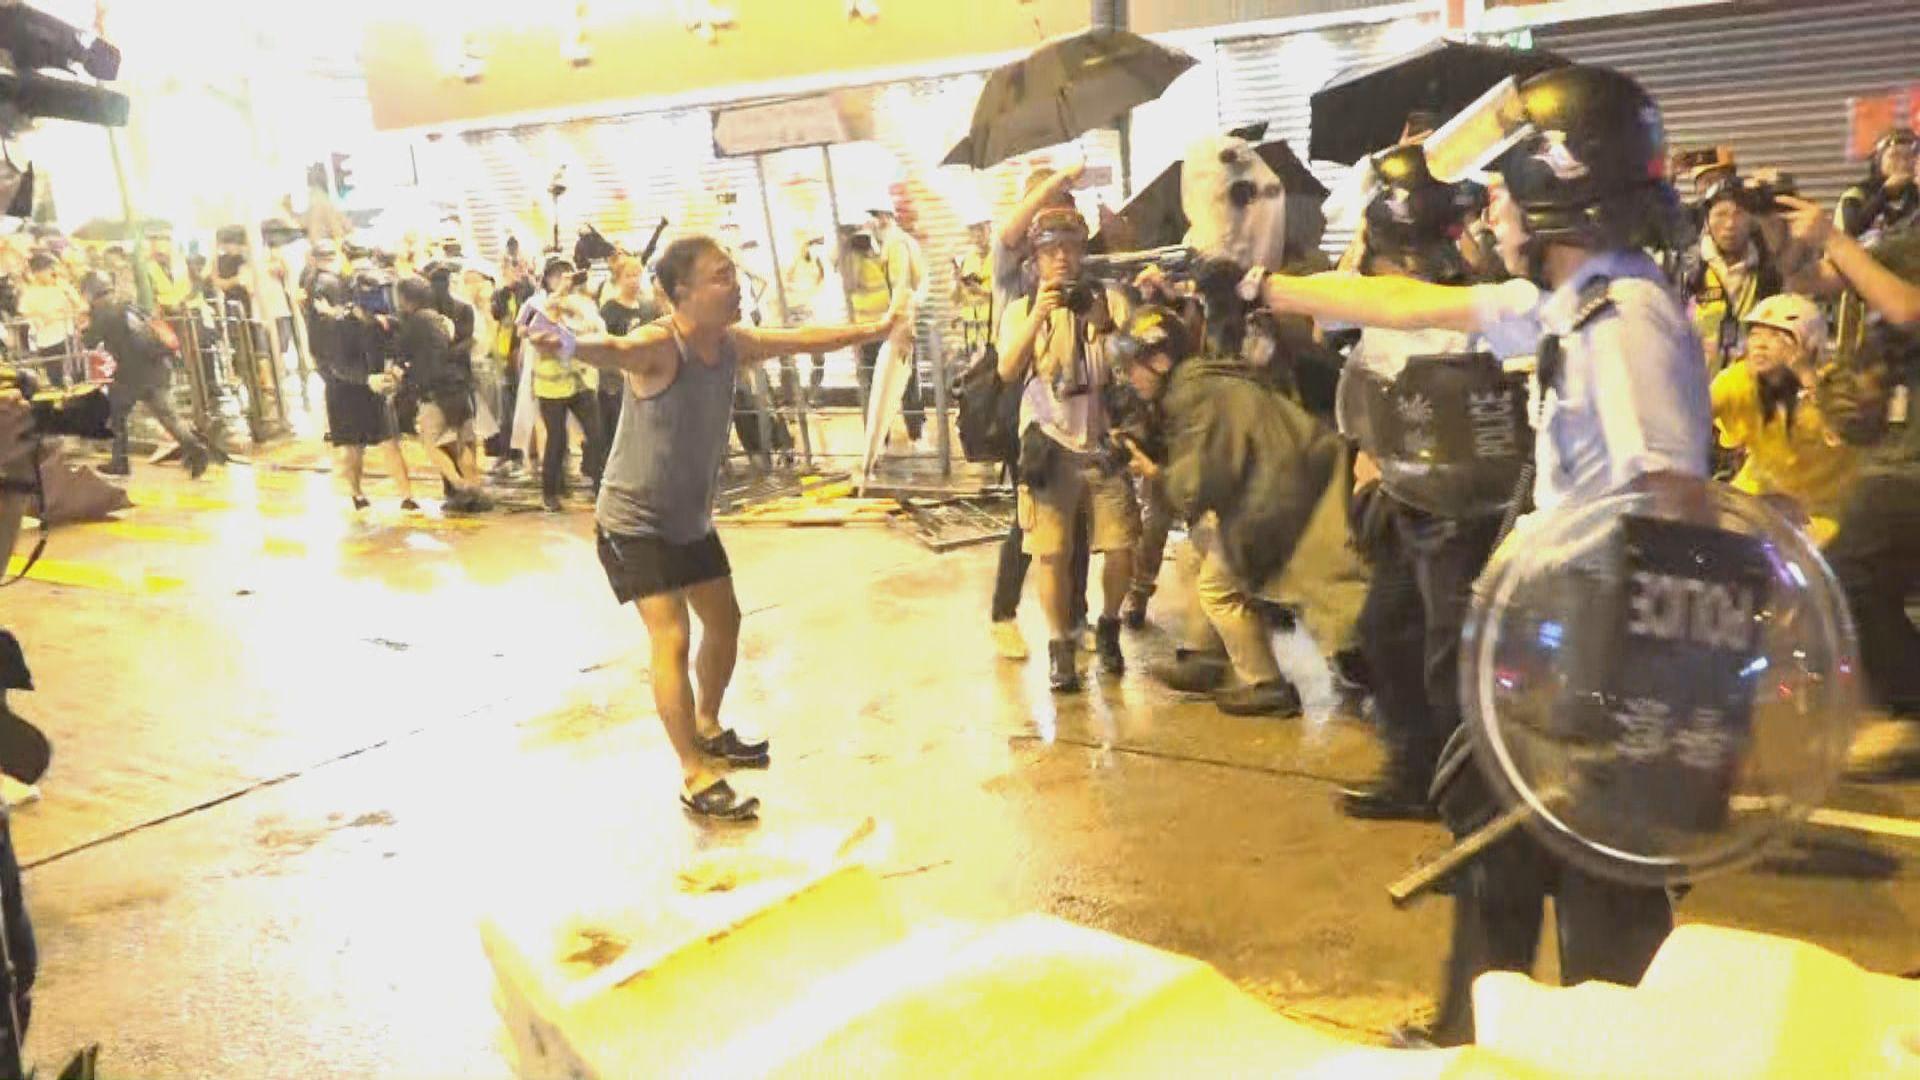 警方 : 示威者蓄意嚴重傷害警務人員